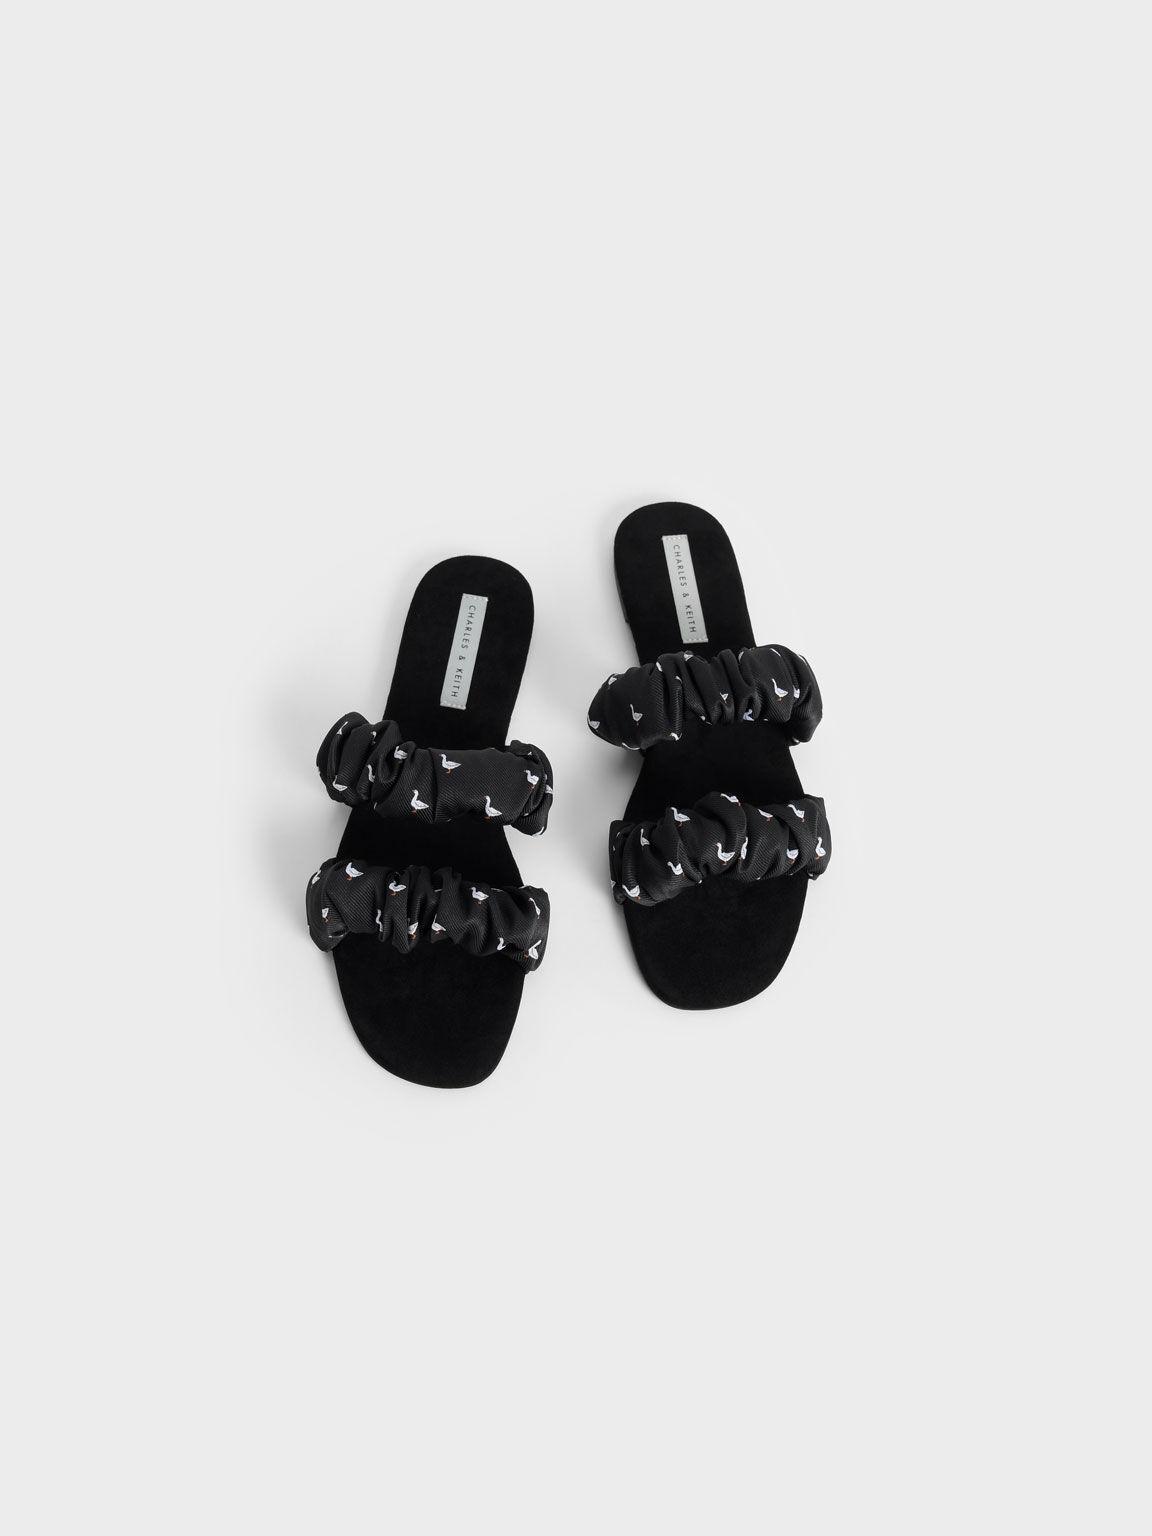 Jacquard Printed Ruched Strap Slide Sandals, Black Textured, hi-res